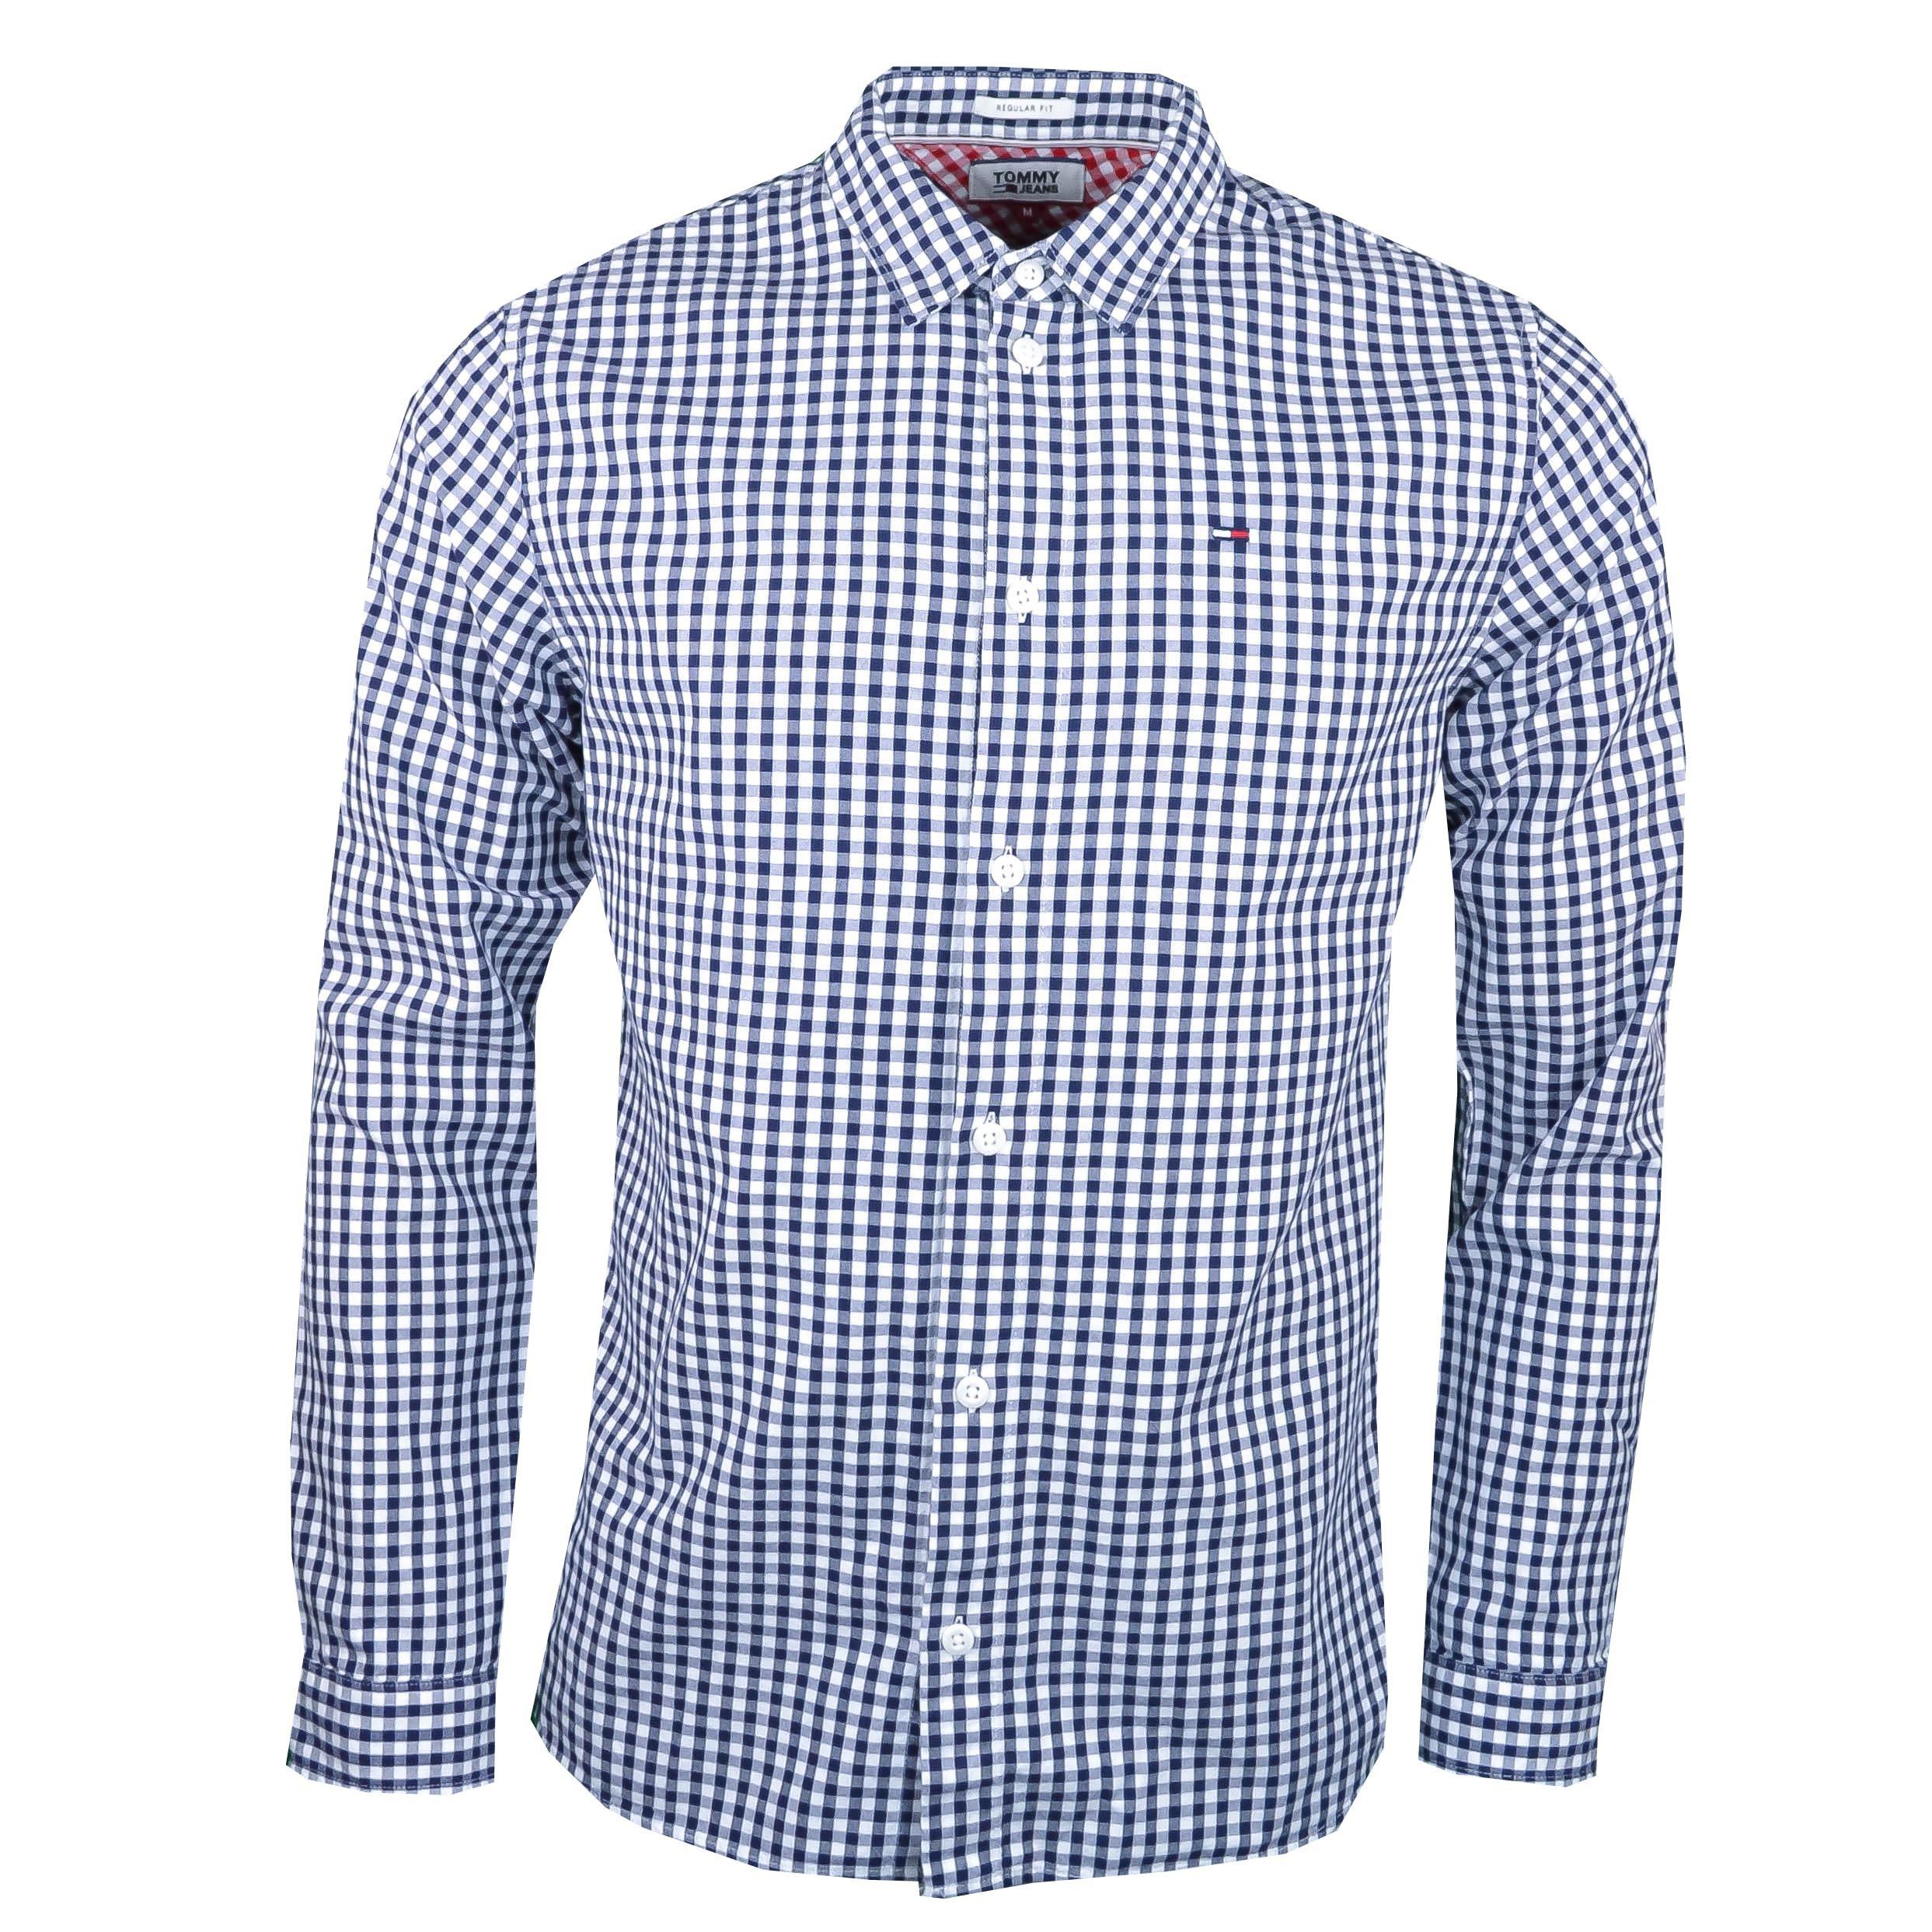 À Blanc Marine Pour Ho Jeans Bleu Tommy Chemise Régular Carreaux Et n0wkOP8